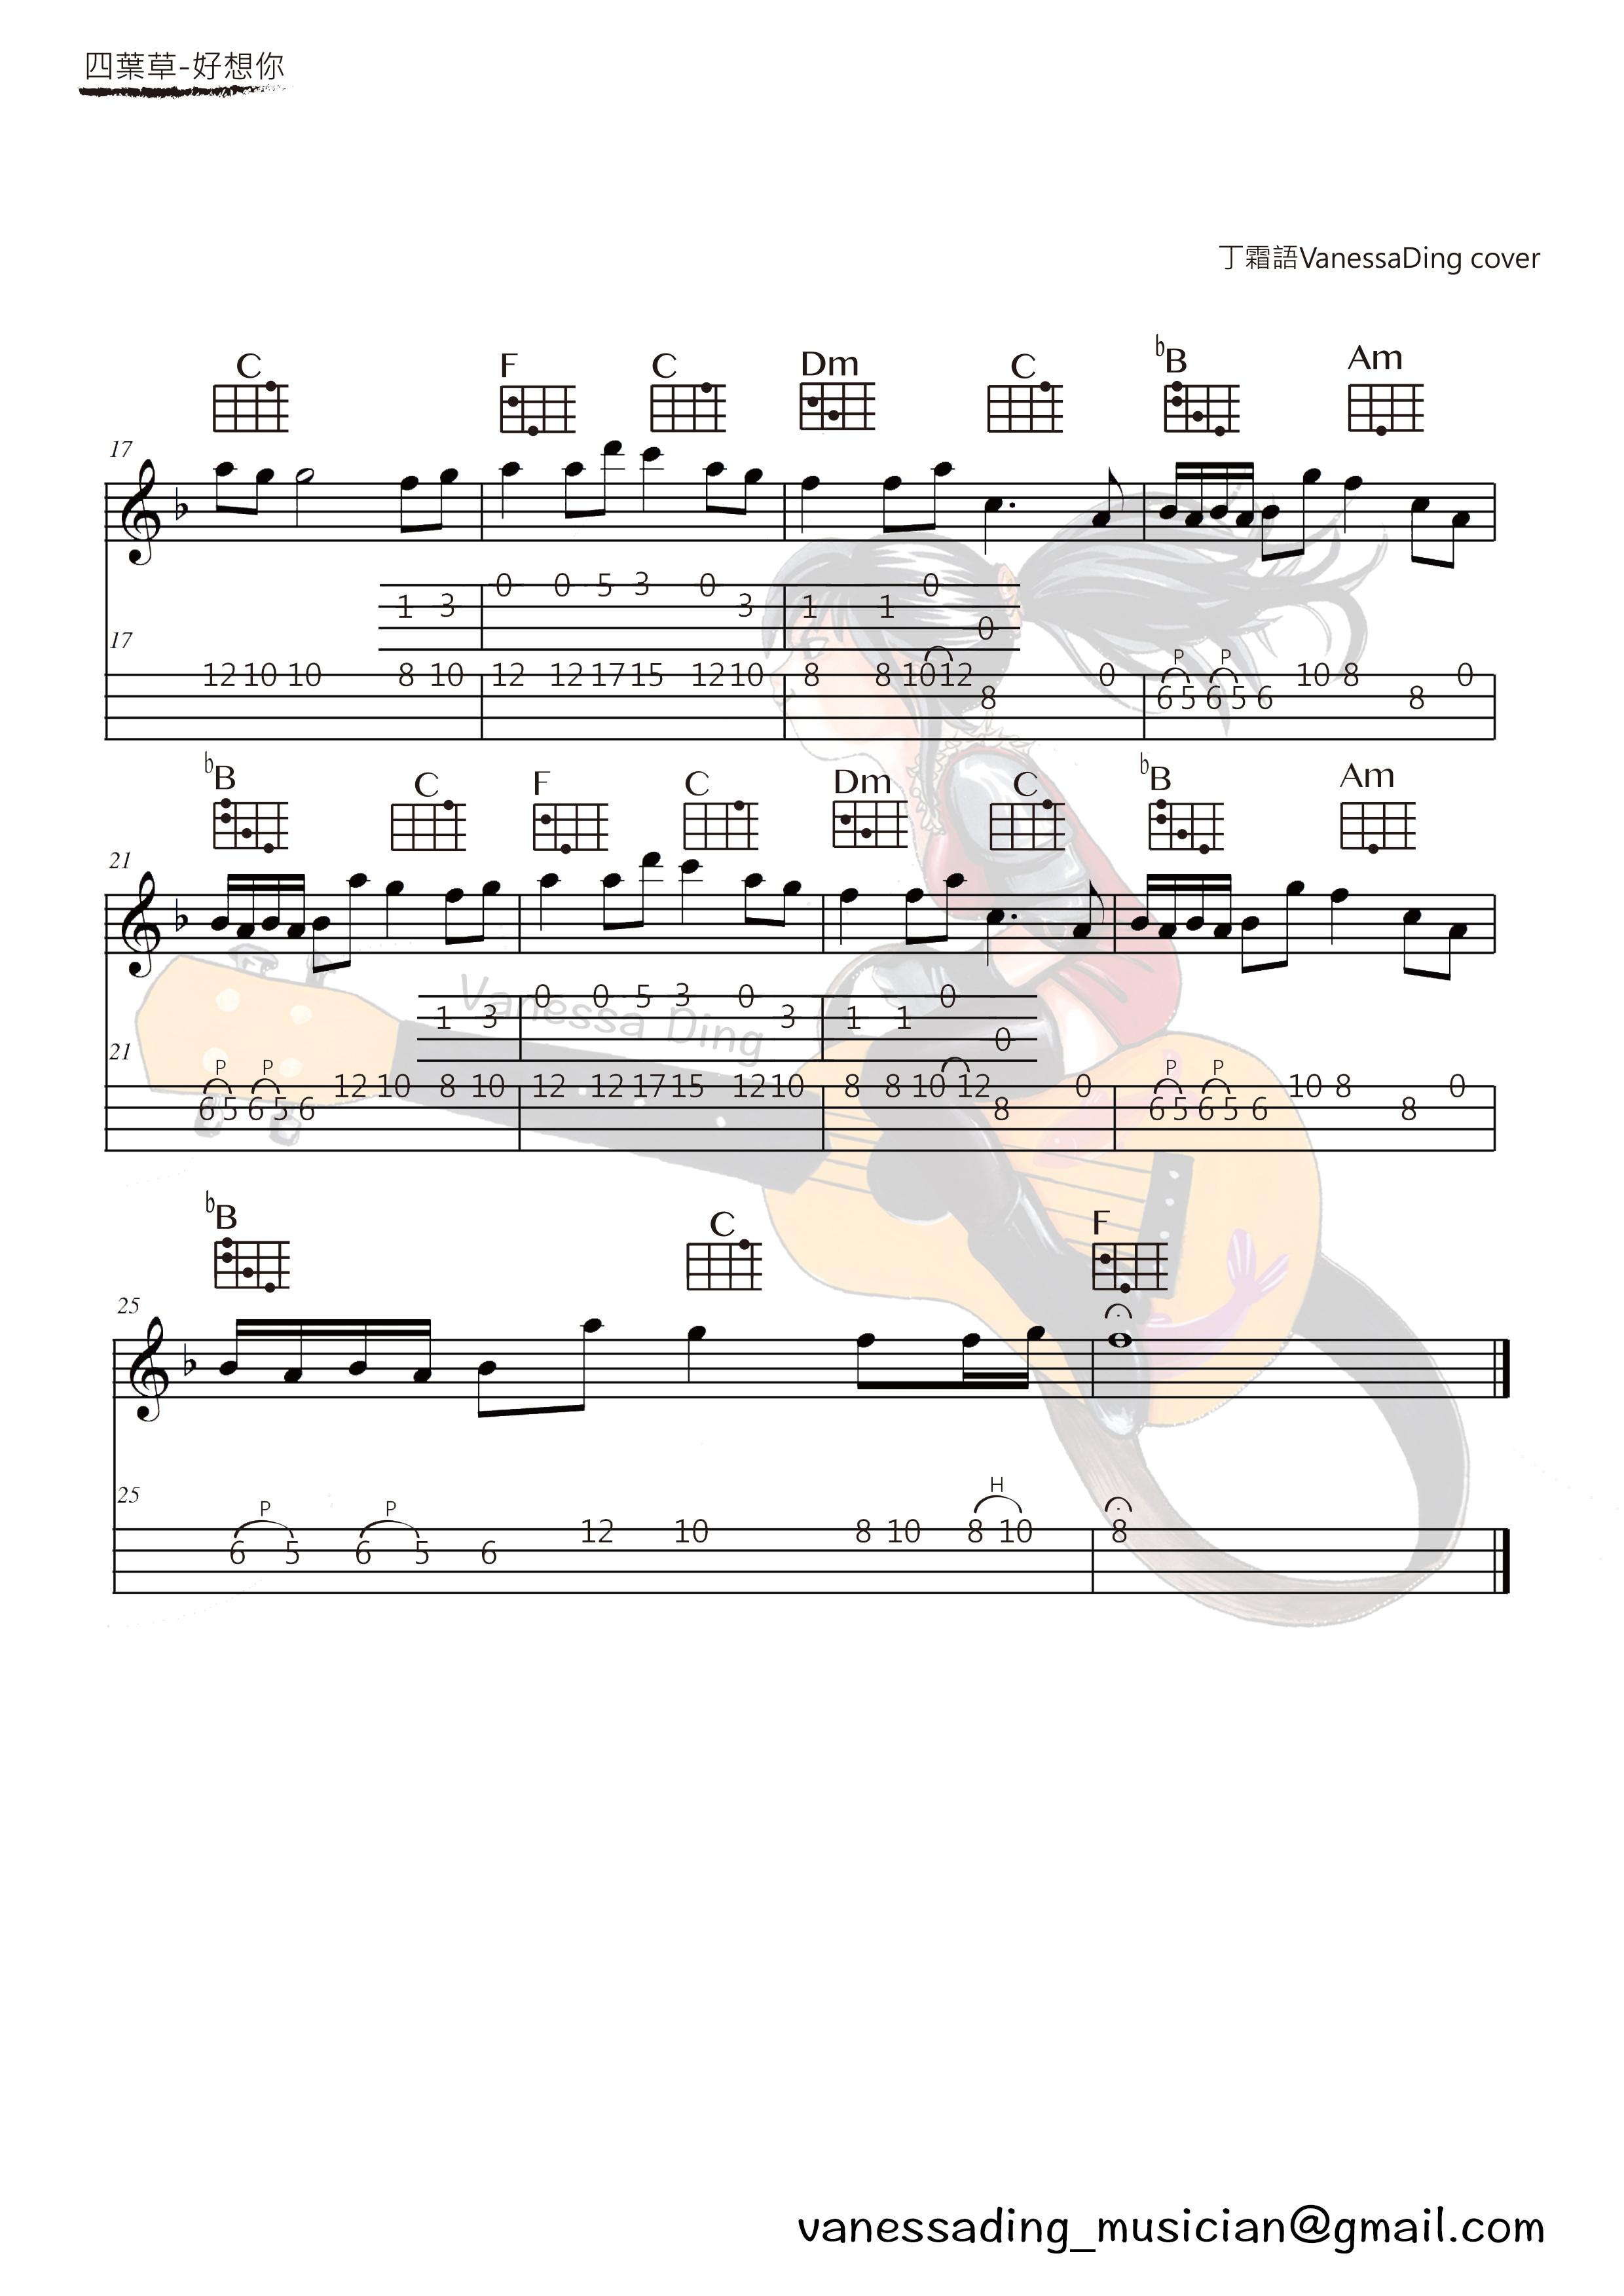 《好想你》尤克里里指弹谱 - 丁霜語改编版-C大调音乐网